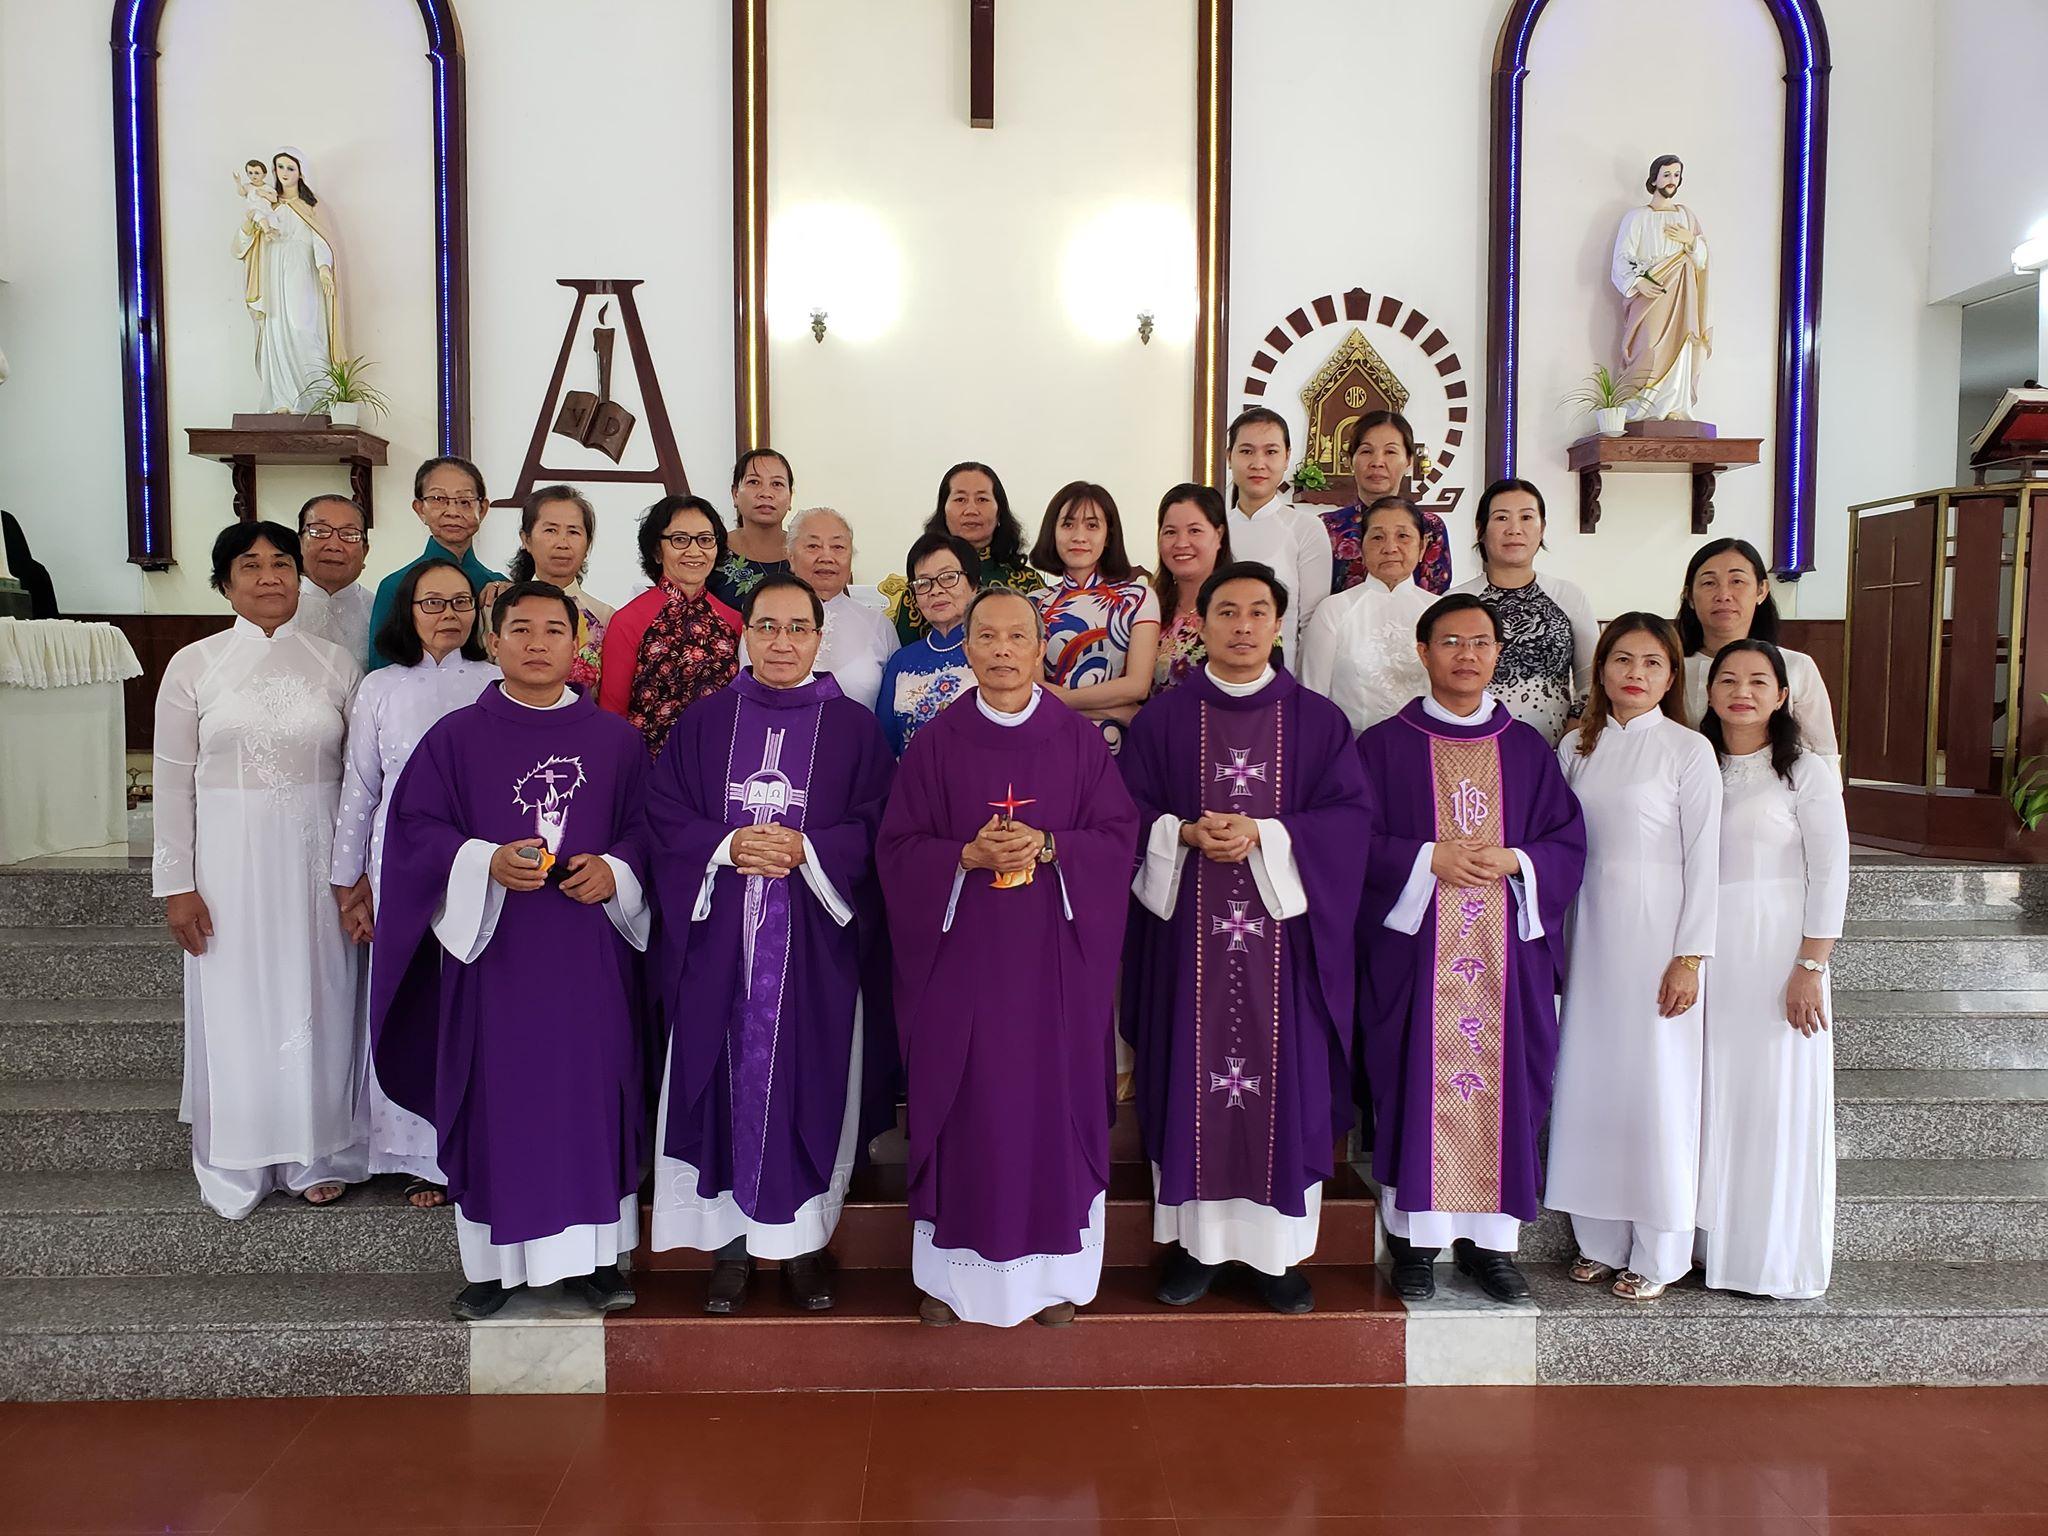 Họ đạo Vĩnh Hòa : Nhận hội viên Caritas